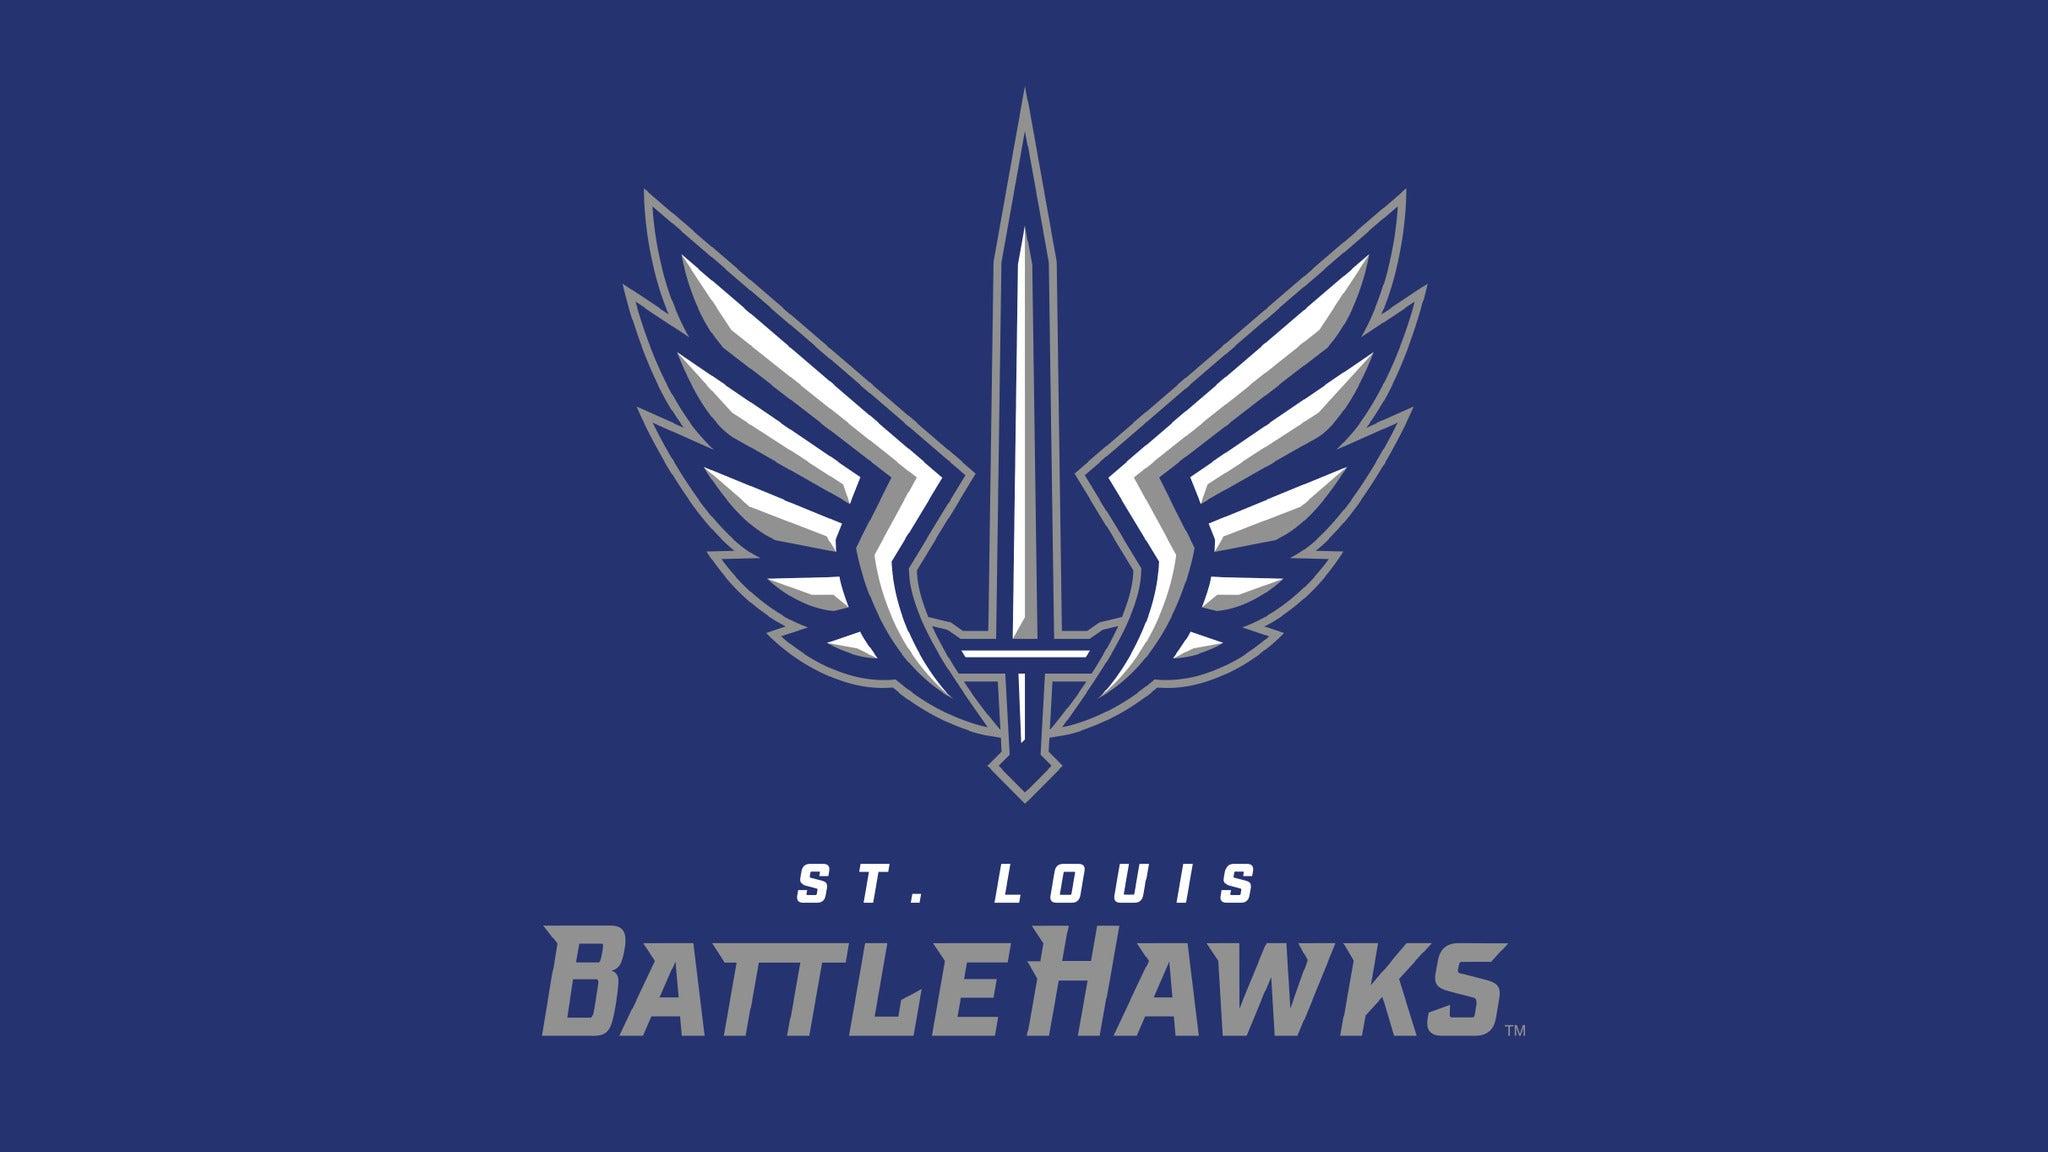 St. Louis BattleHawks